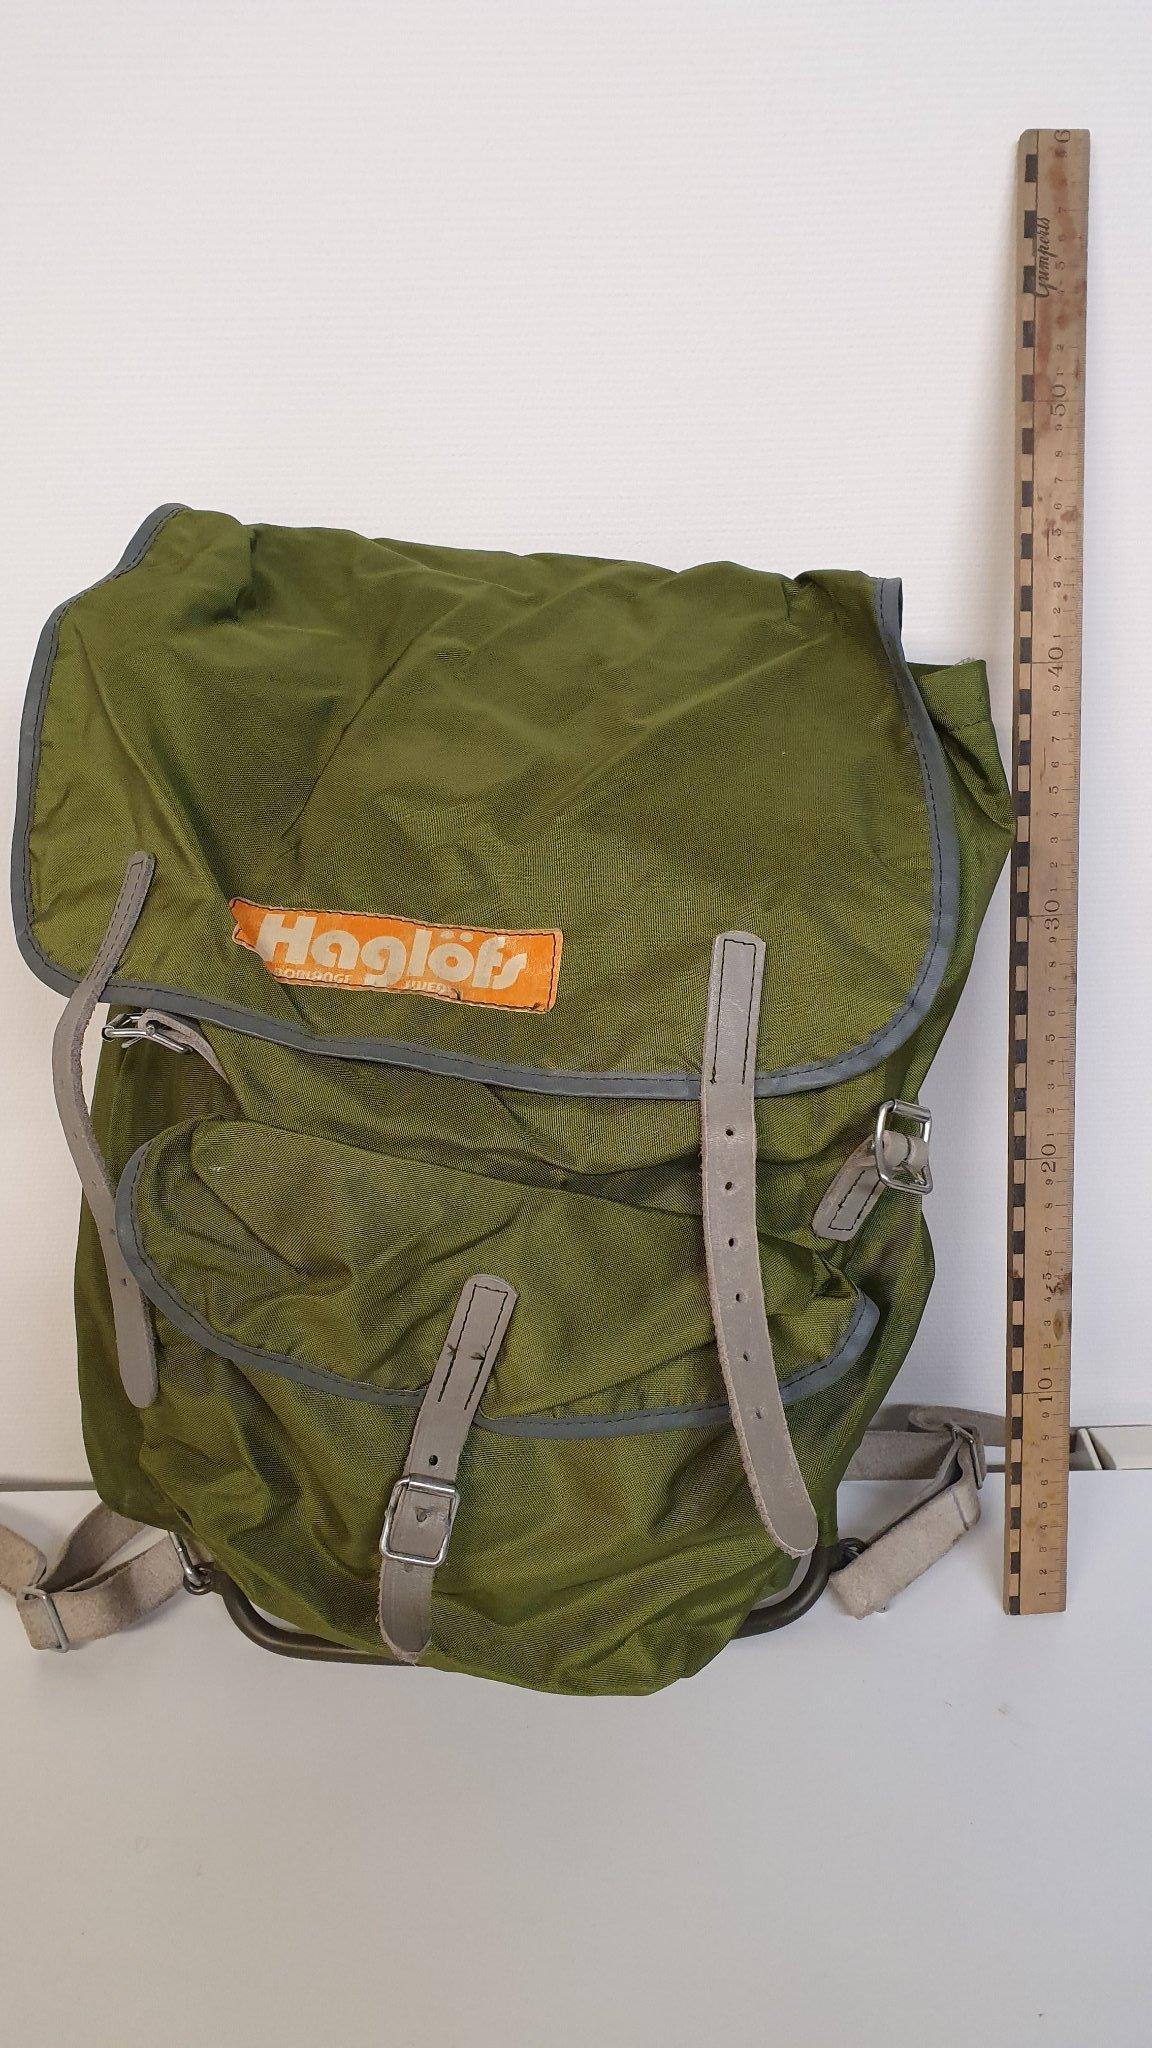 HAGLÖFS Retro Ryggsäck för Vandring mm Militärgrön med Aluminiumram o Läderrem